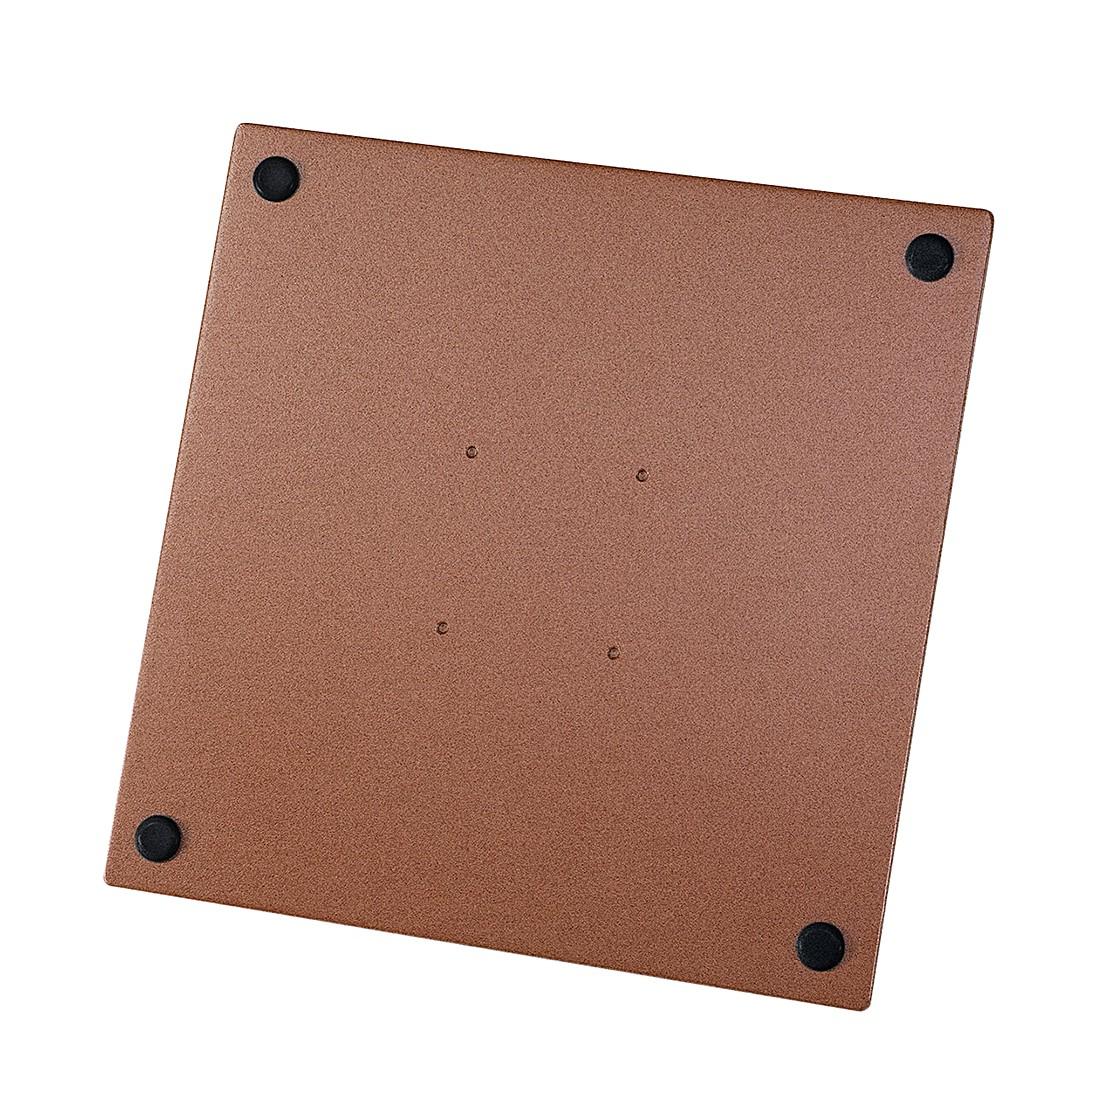 Stahlplatte - Stahl Braun, Schneider Schirme